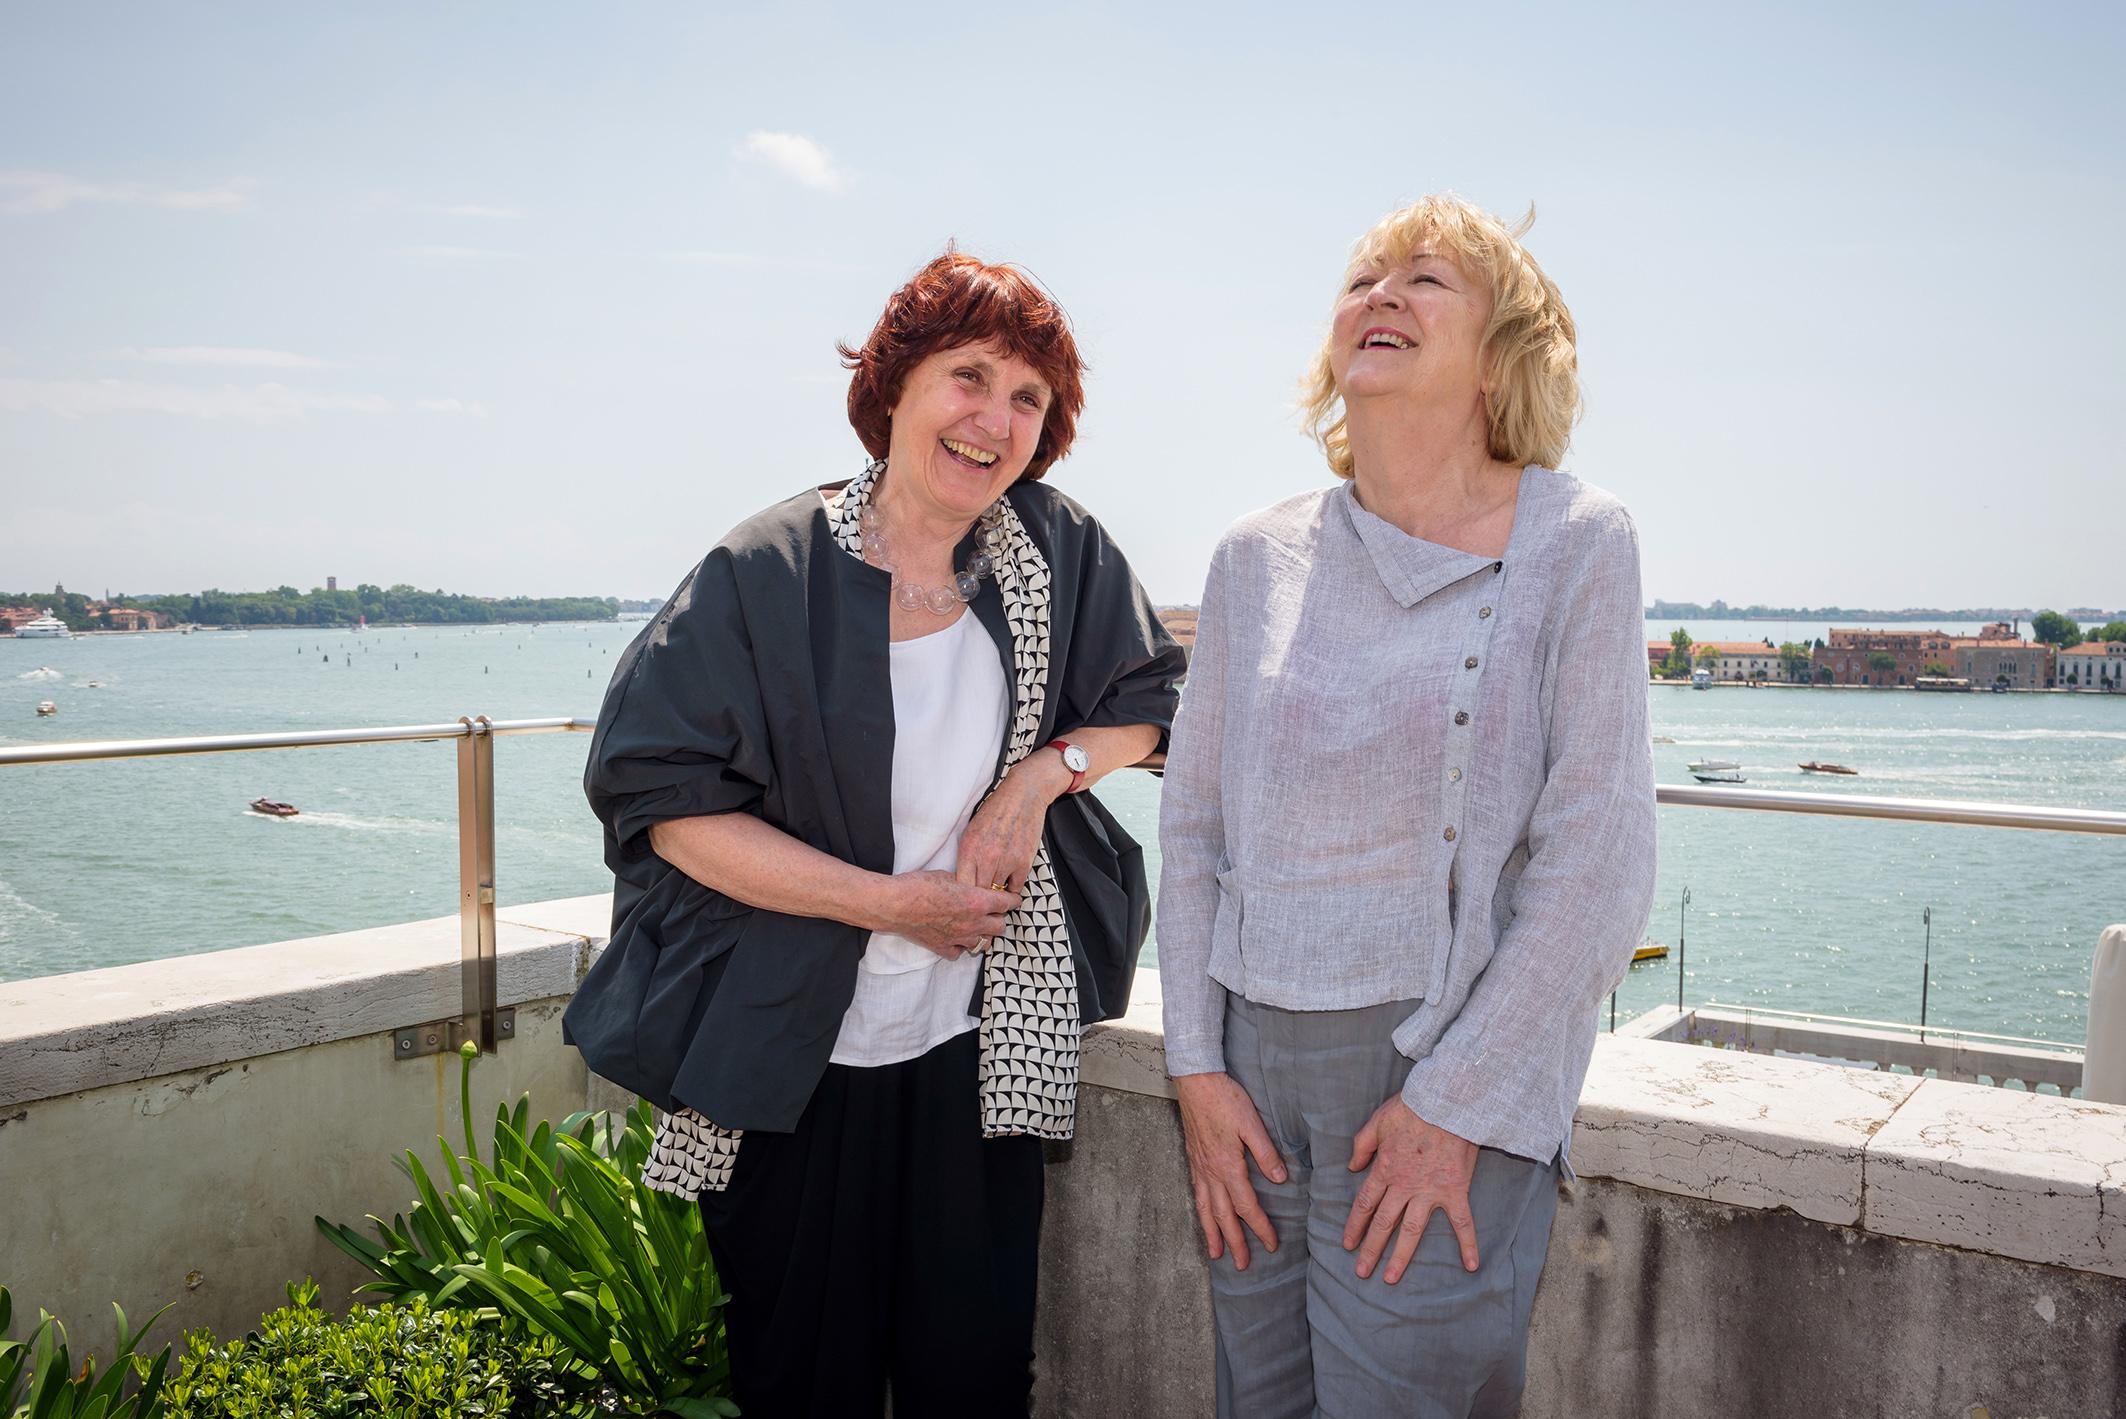 """© Andrea Avezzu. Yvonne Farrell and Shelley McNamara, Directors of the 2018 Venice Architecture Biennale – """"Freespace"""". Image Courtesy of La Biennale di Venezia"""